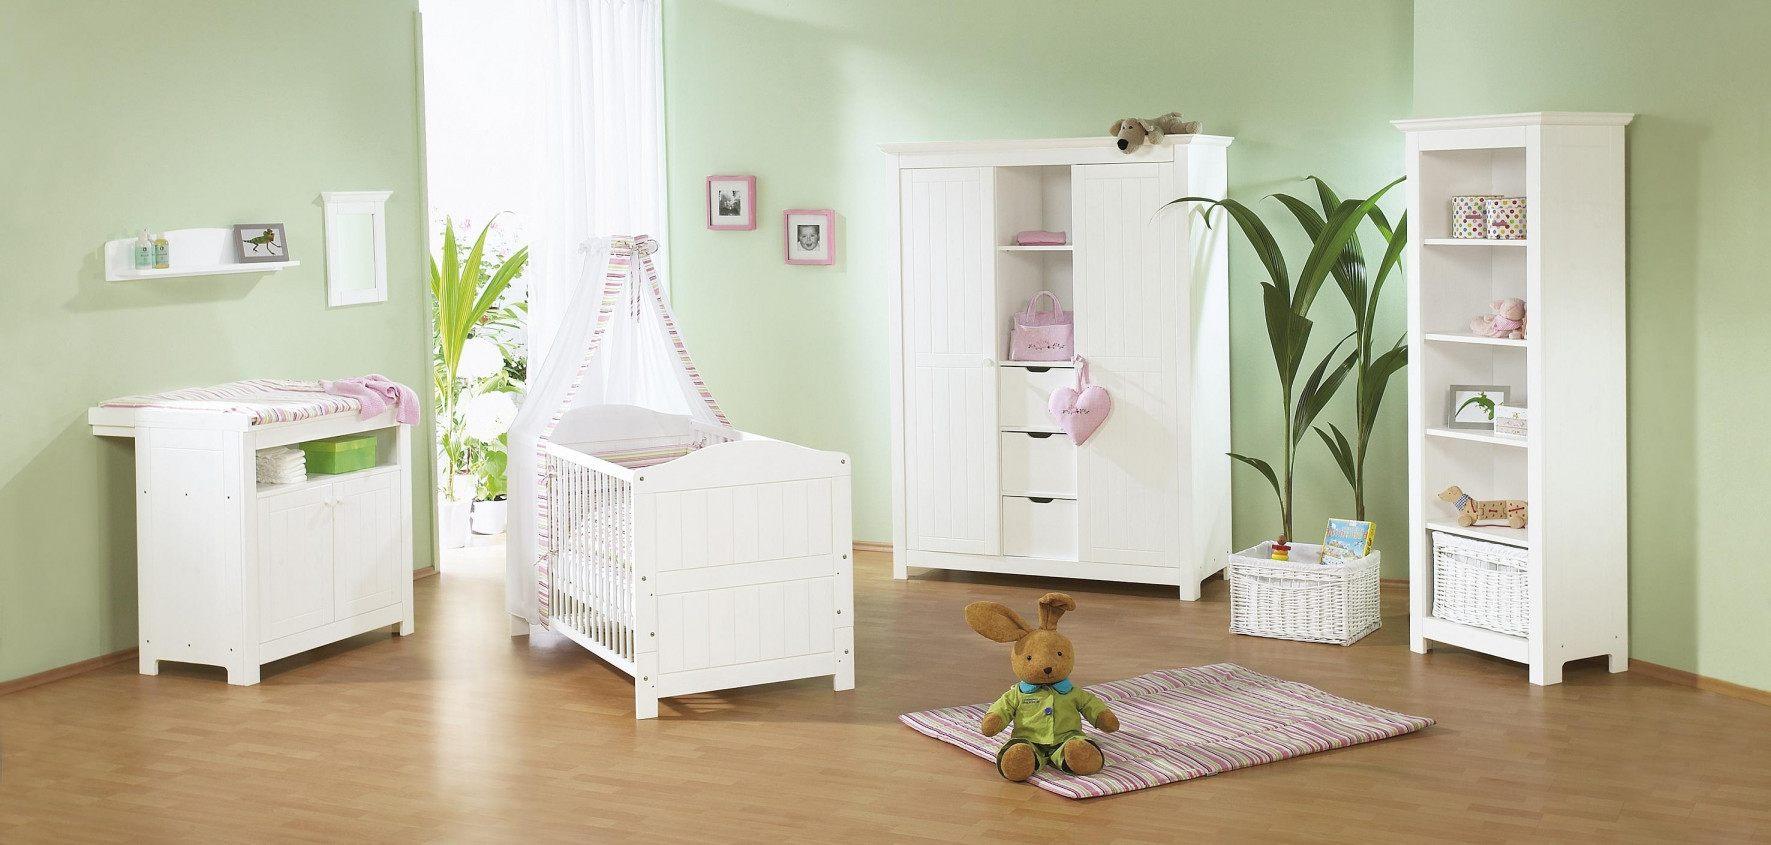 Lit Superposé Gris Frais Chaise Table Bébé Cuisine Pour Bebe Lovely Lit Ikea Bebe 12 Superpos